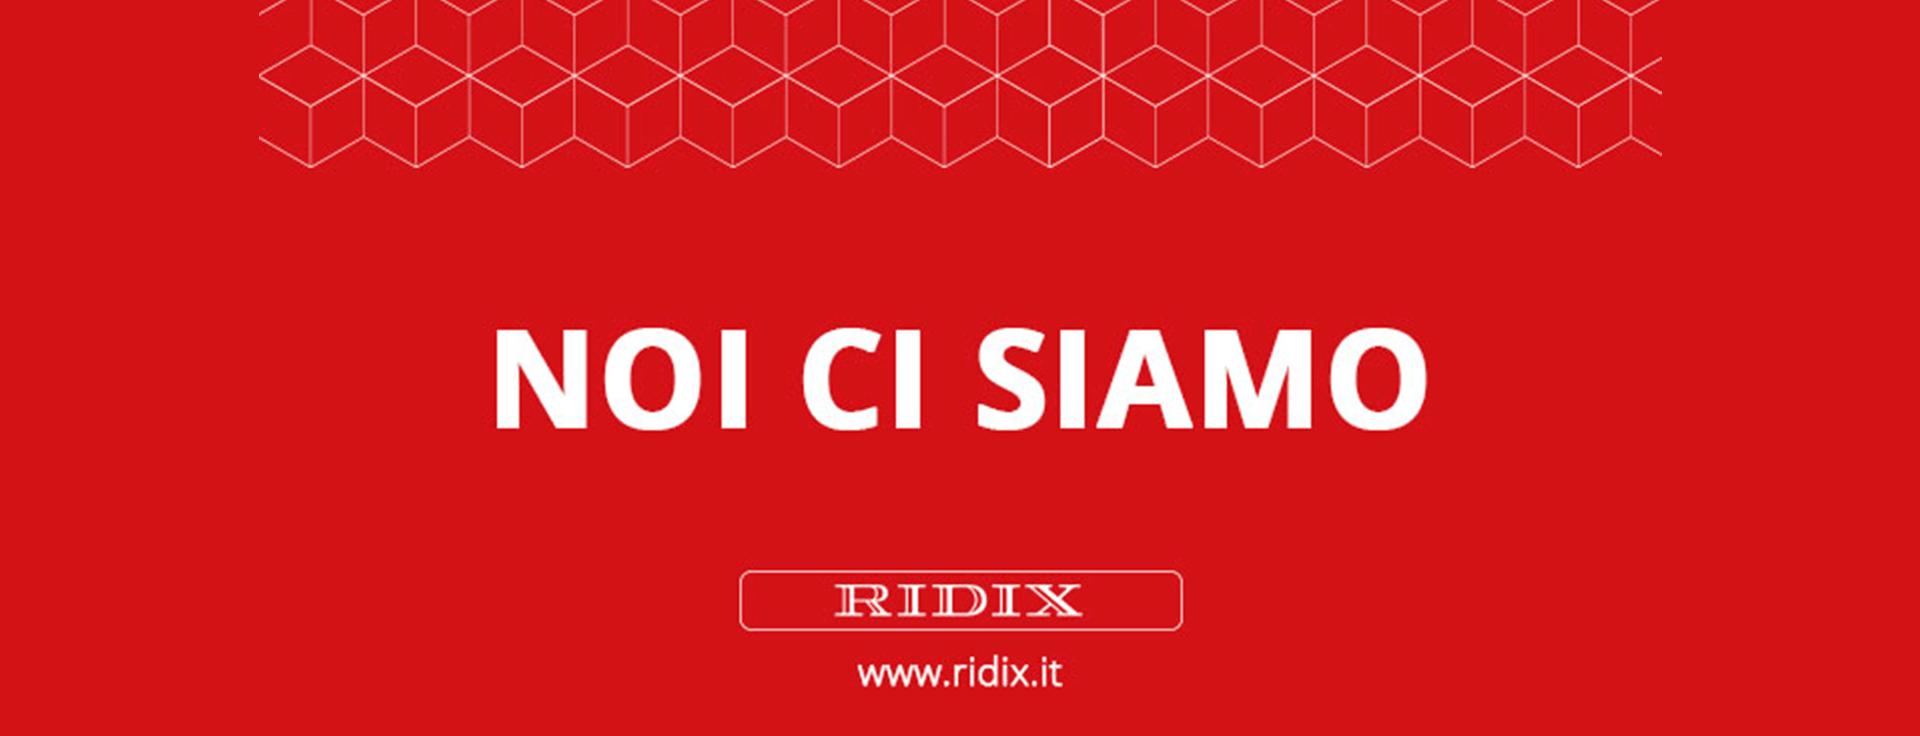 Header_RidixNoiCiSiamo